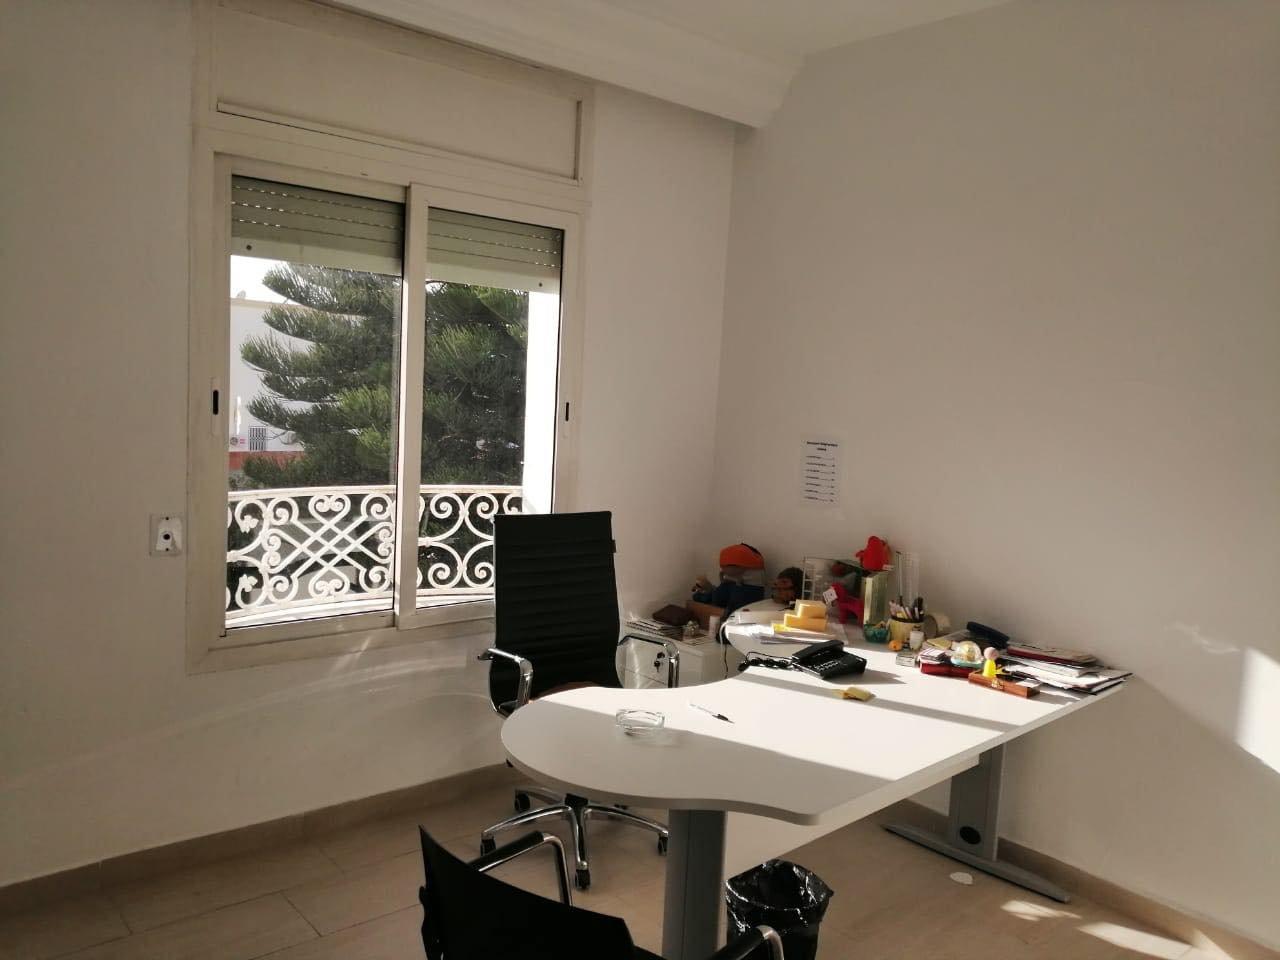 Location Villa de 300 m²  à usage d'habitation ou de bureaux au Lac 1. au Lac 1.